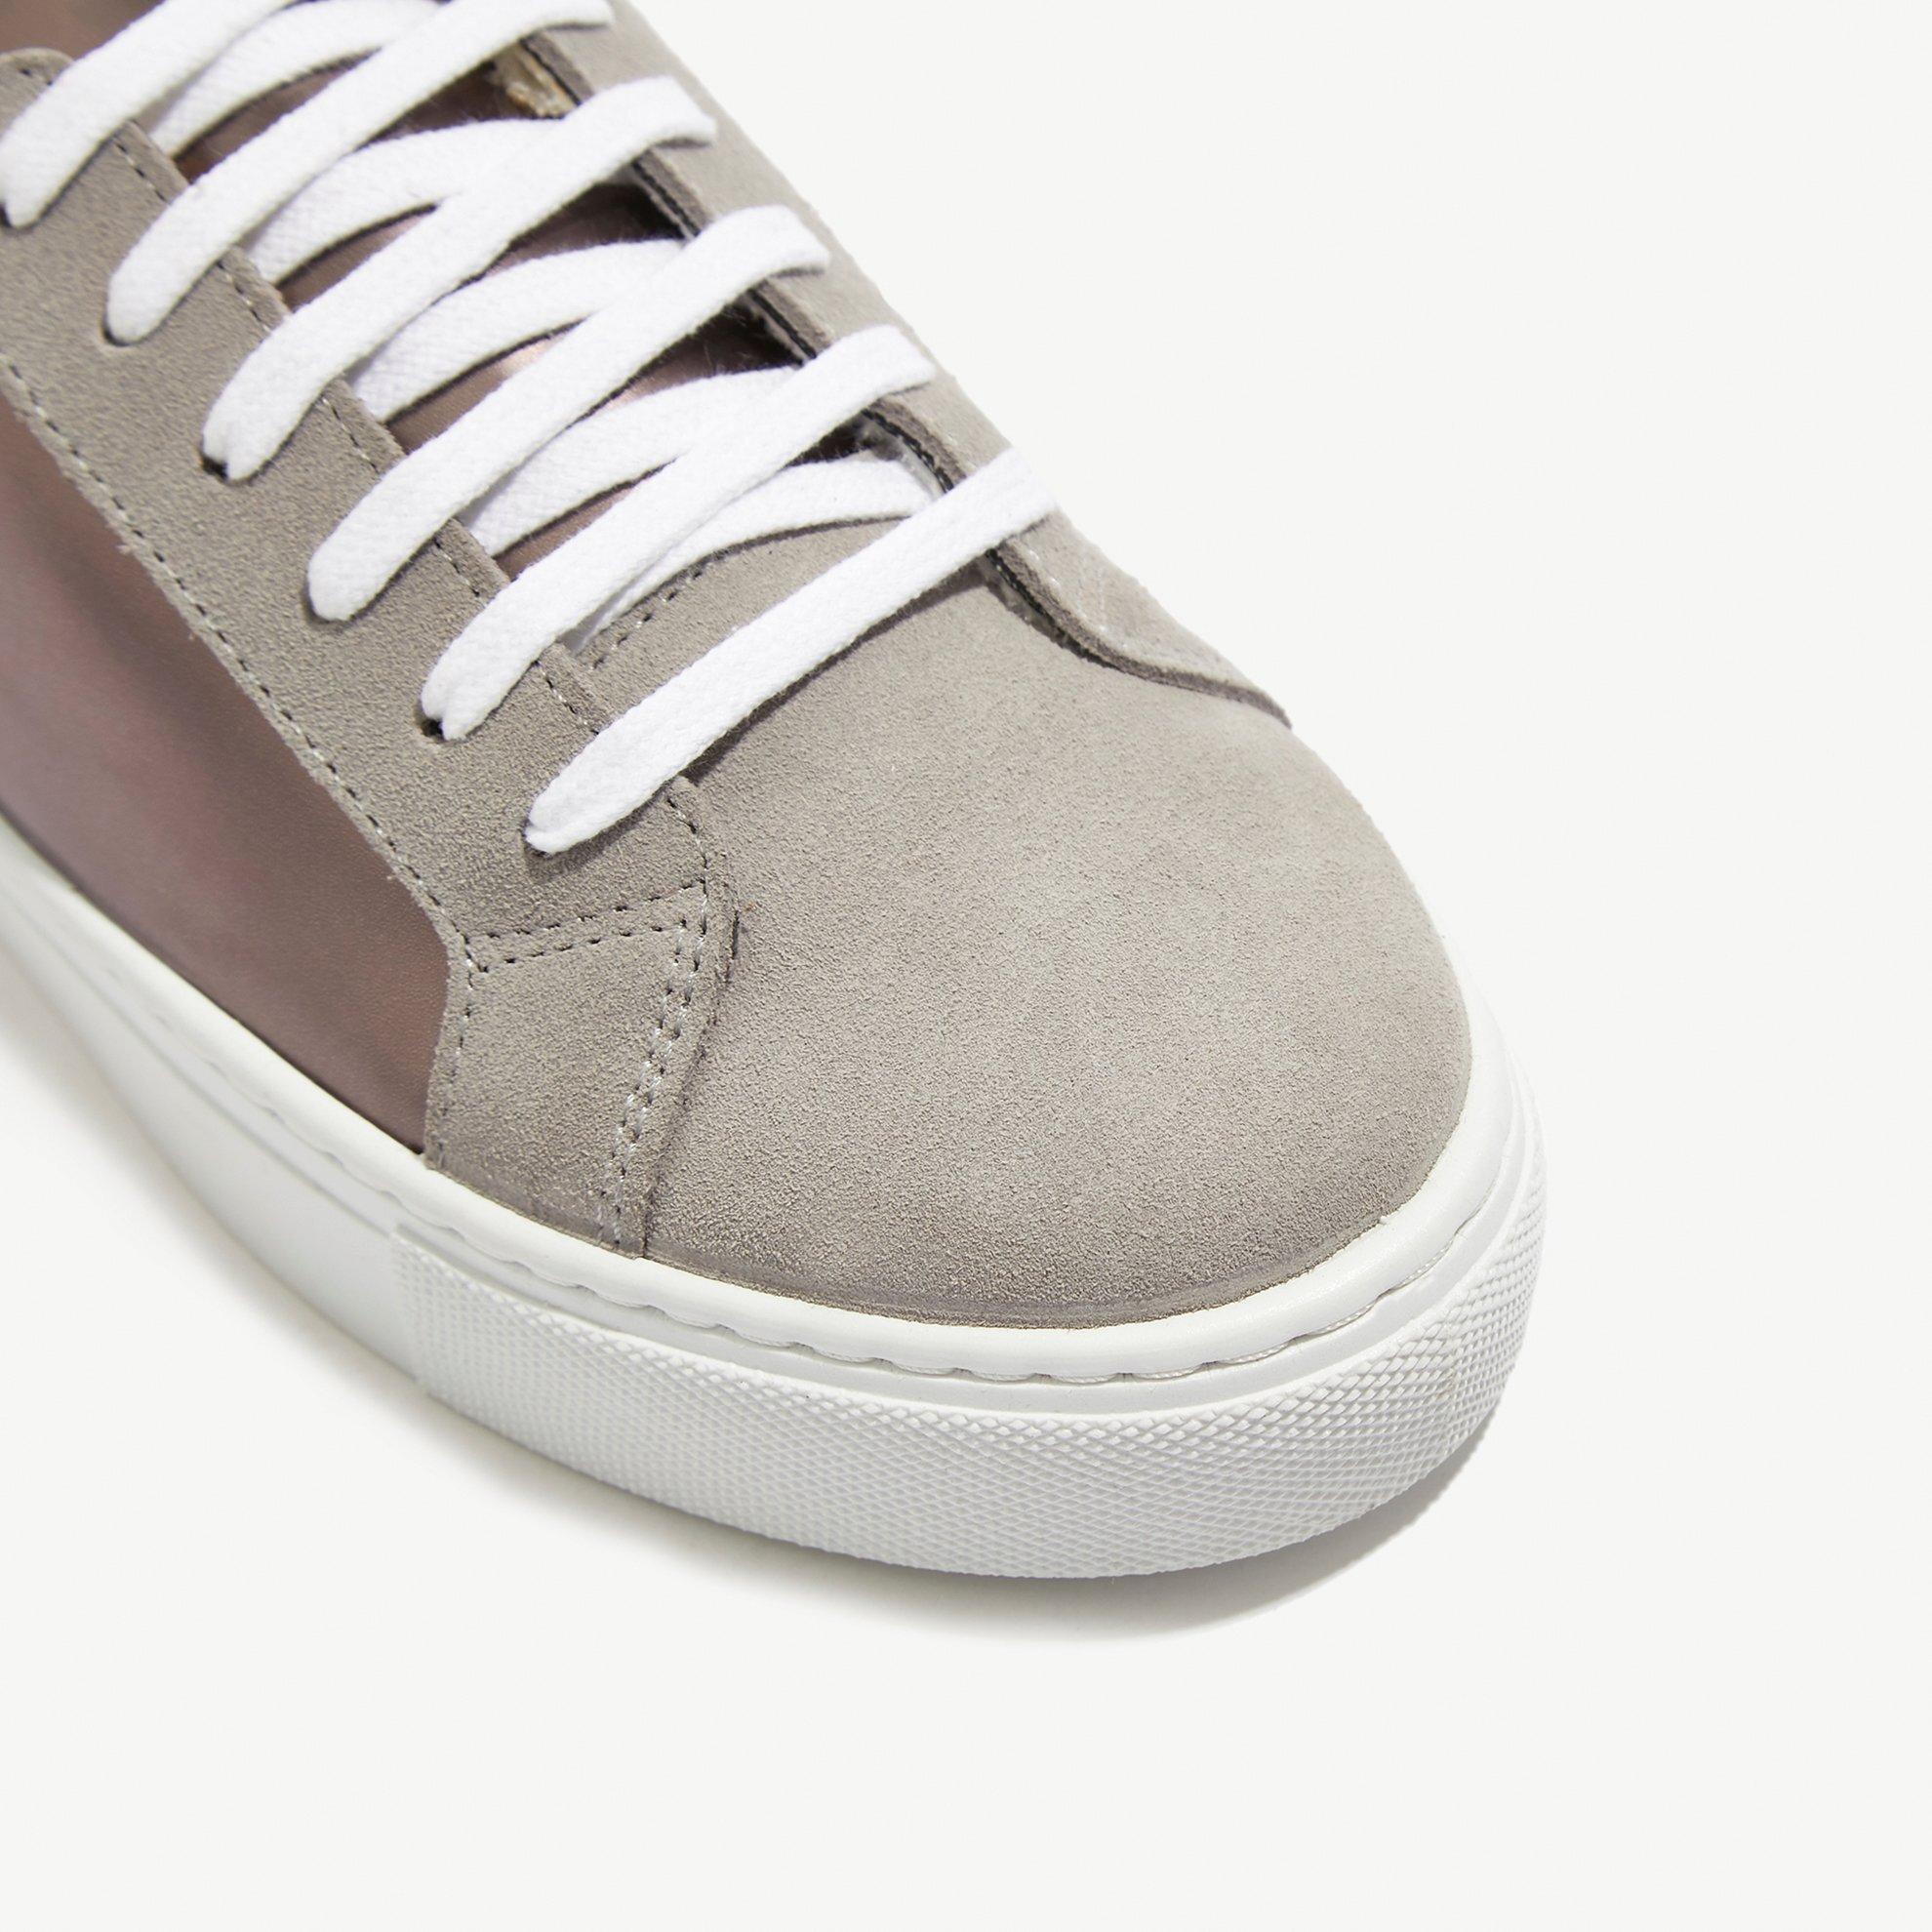 resm Metalik Spor Ayakkabı